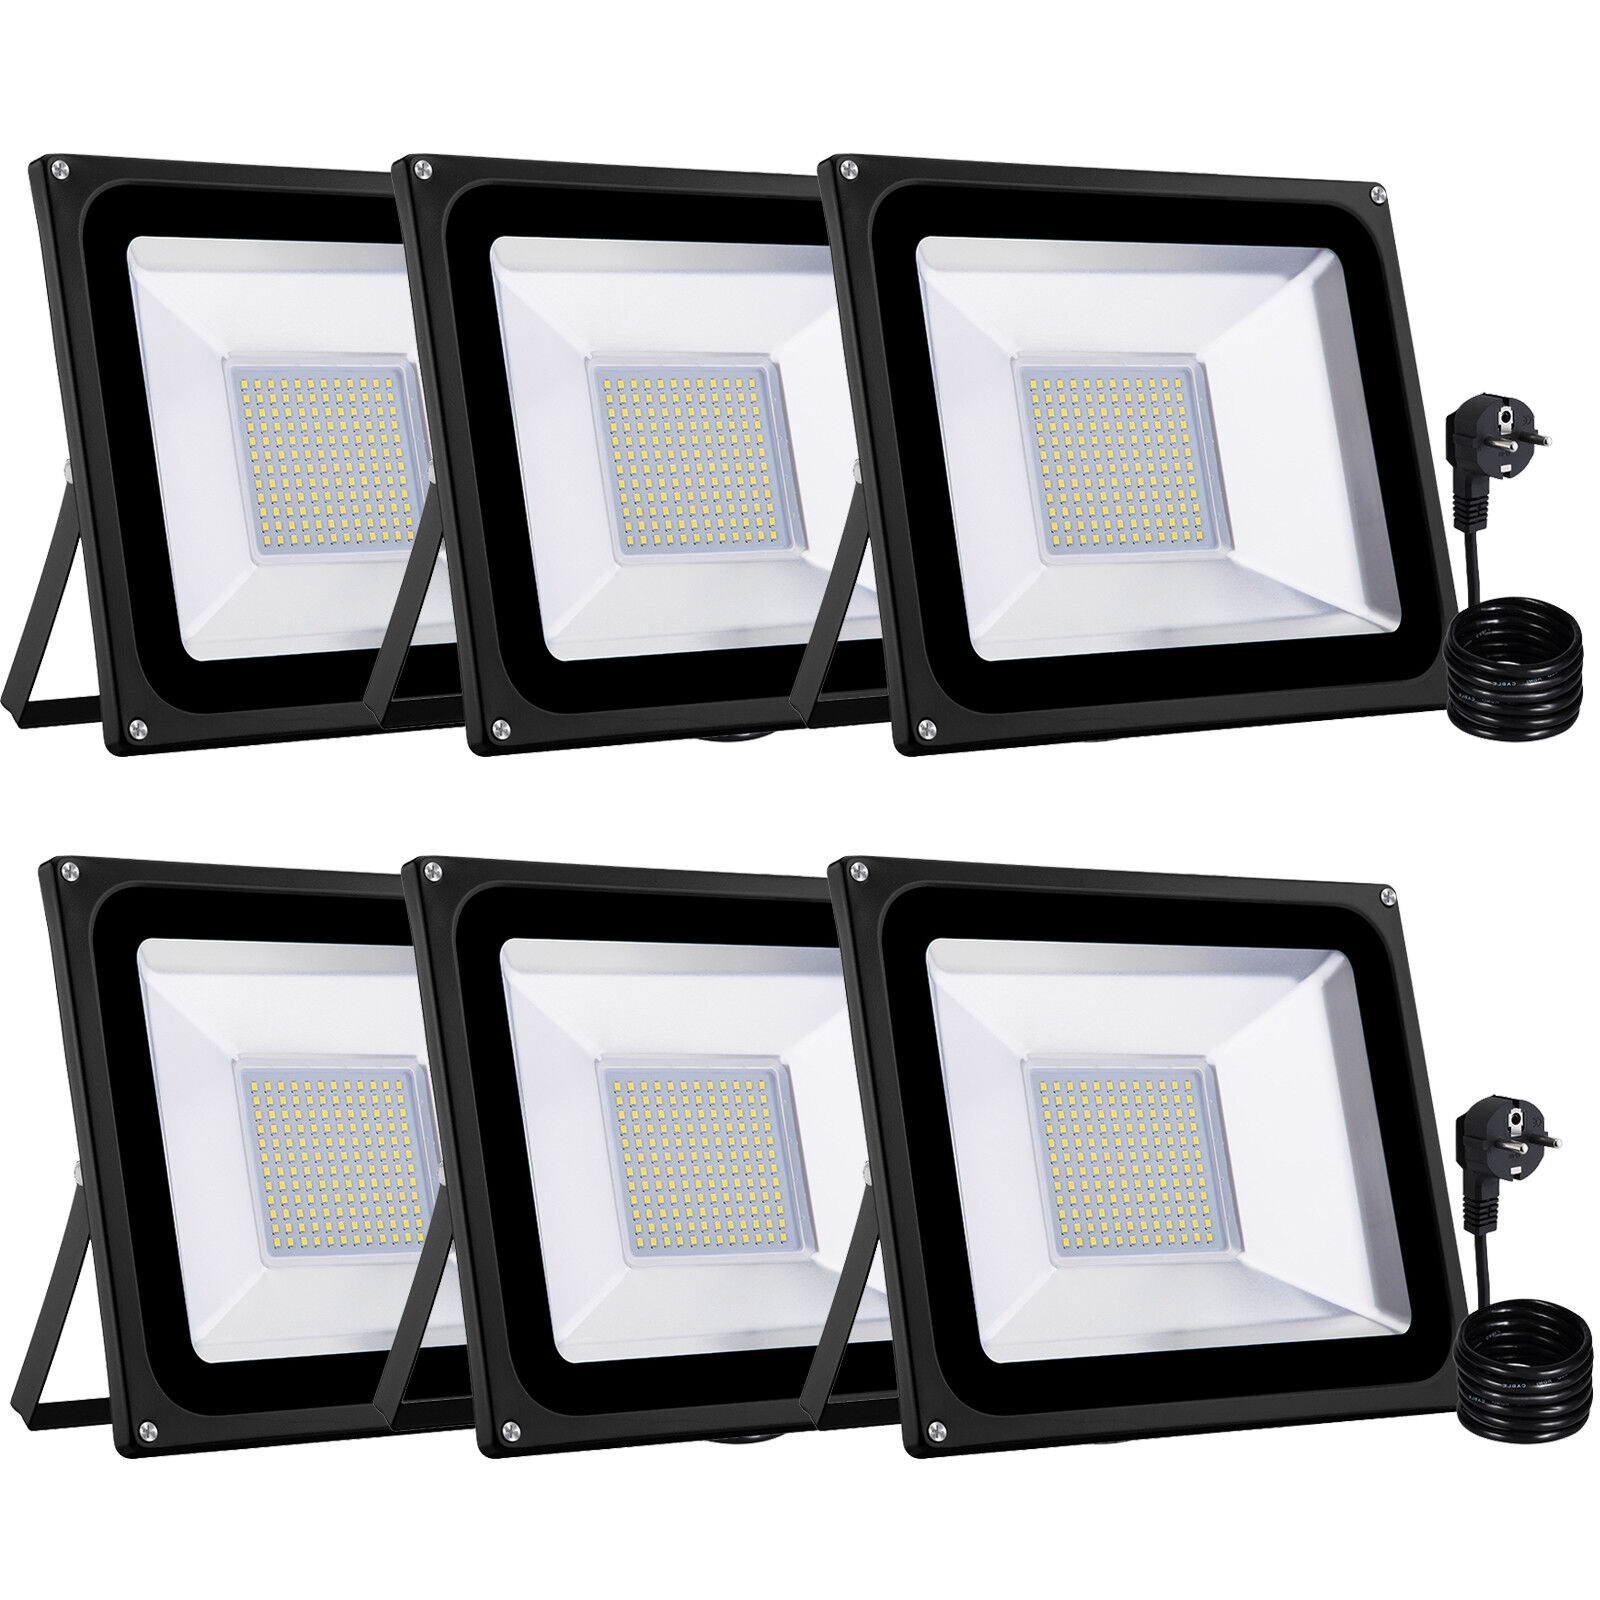 6x 100w LED eh con conector emisor exterior reflector colocado lámpara blancoo cálido ip65 nuevo